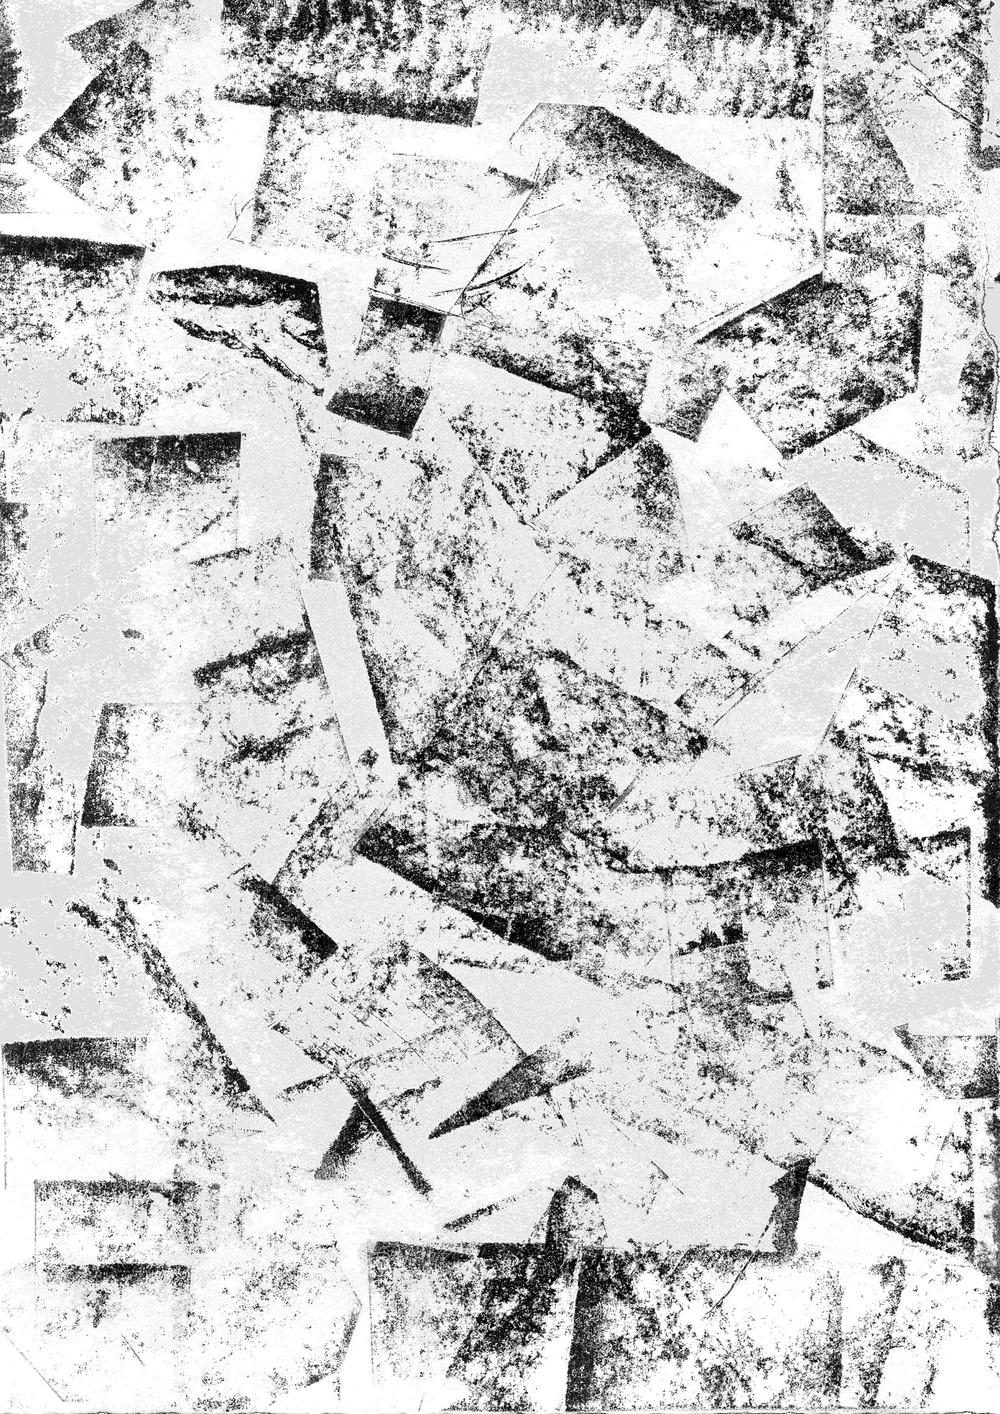 05_print_krysta_copy.jpg